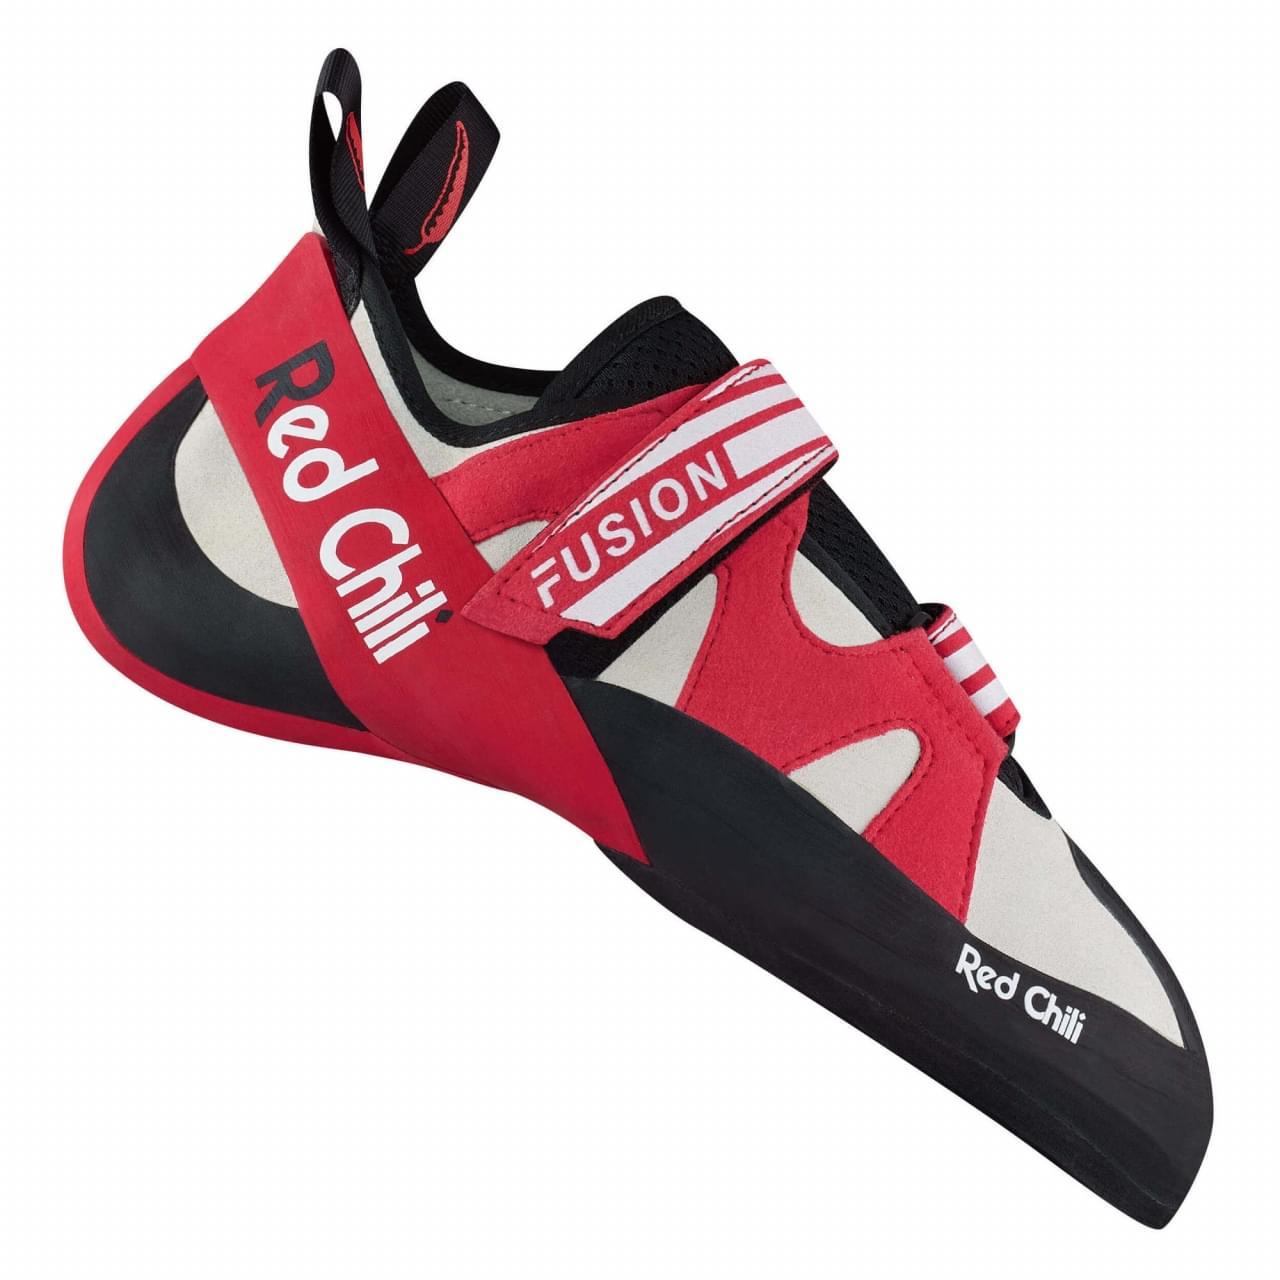 De Red Chili Fusion VCR is een technische schoen voor zowel sportklimmen als boulderen